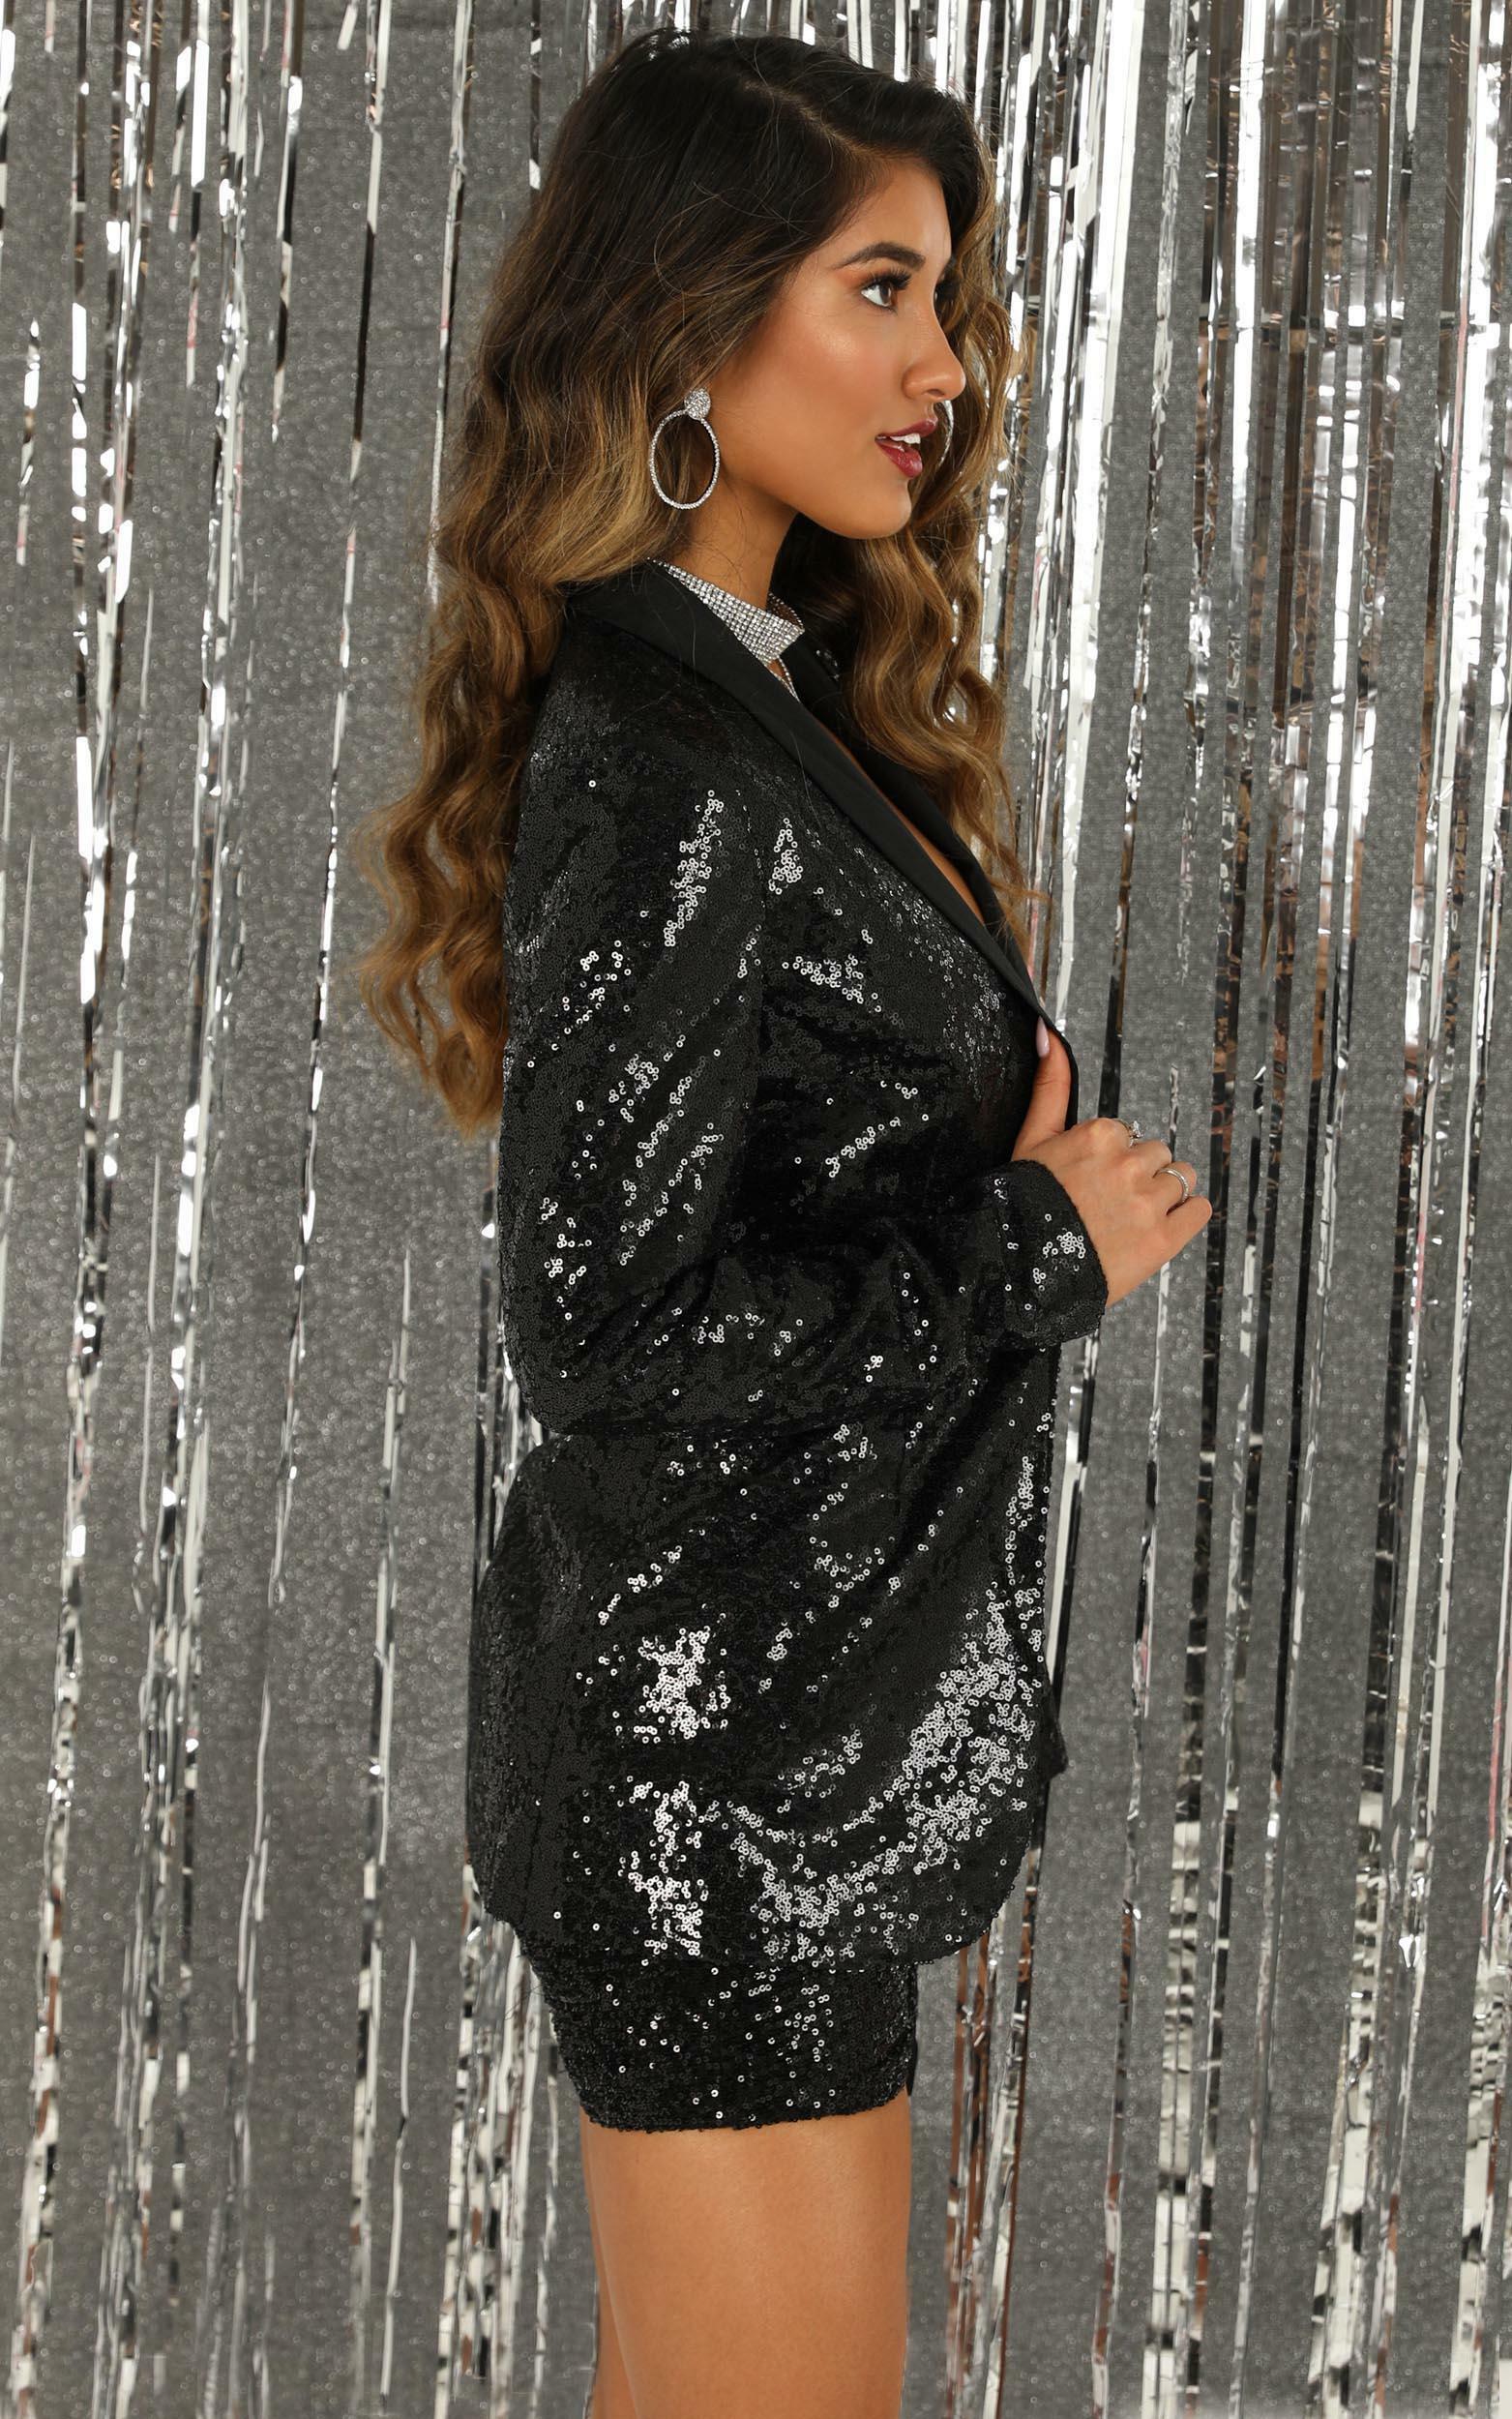 Freestyler blazer in black sequin - 14 (XL), Black, hi-res image number null